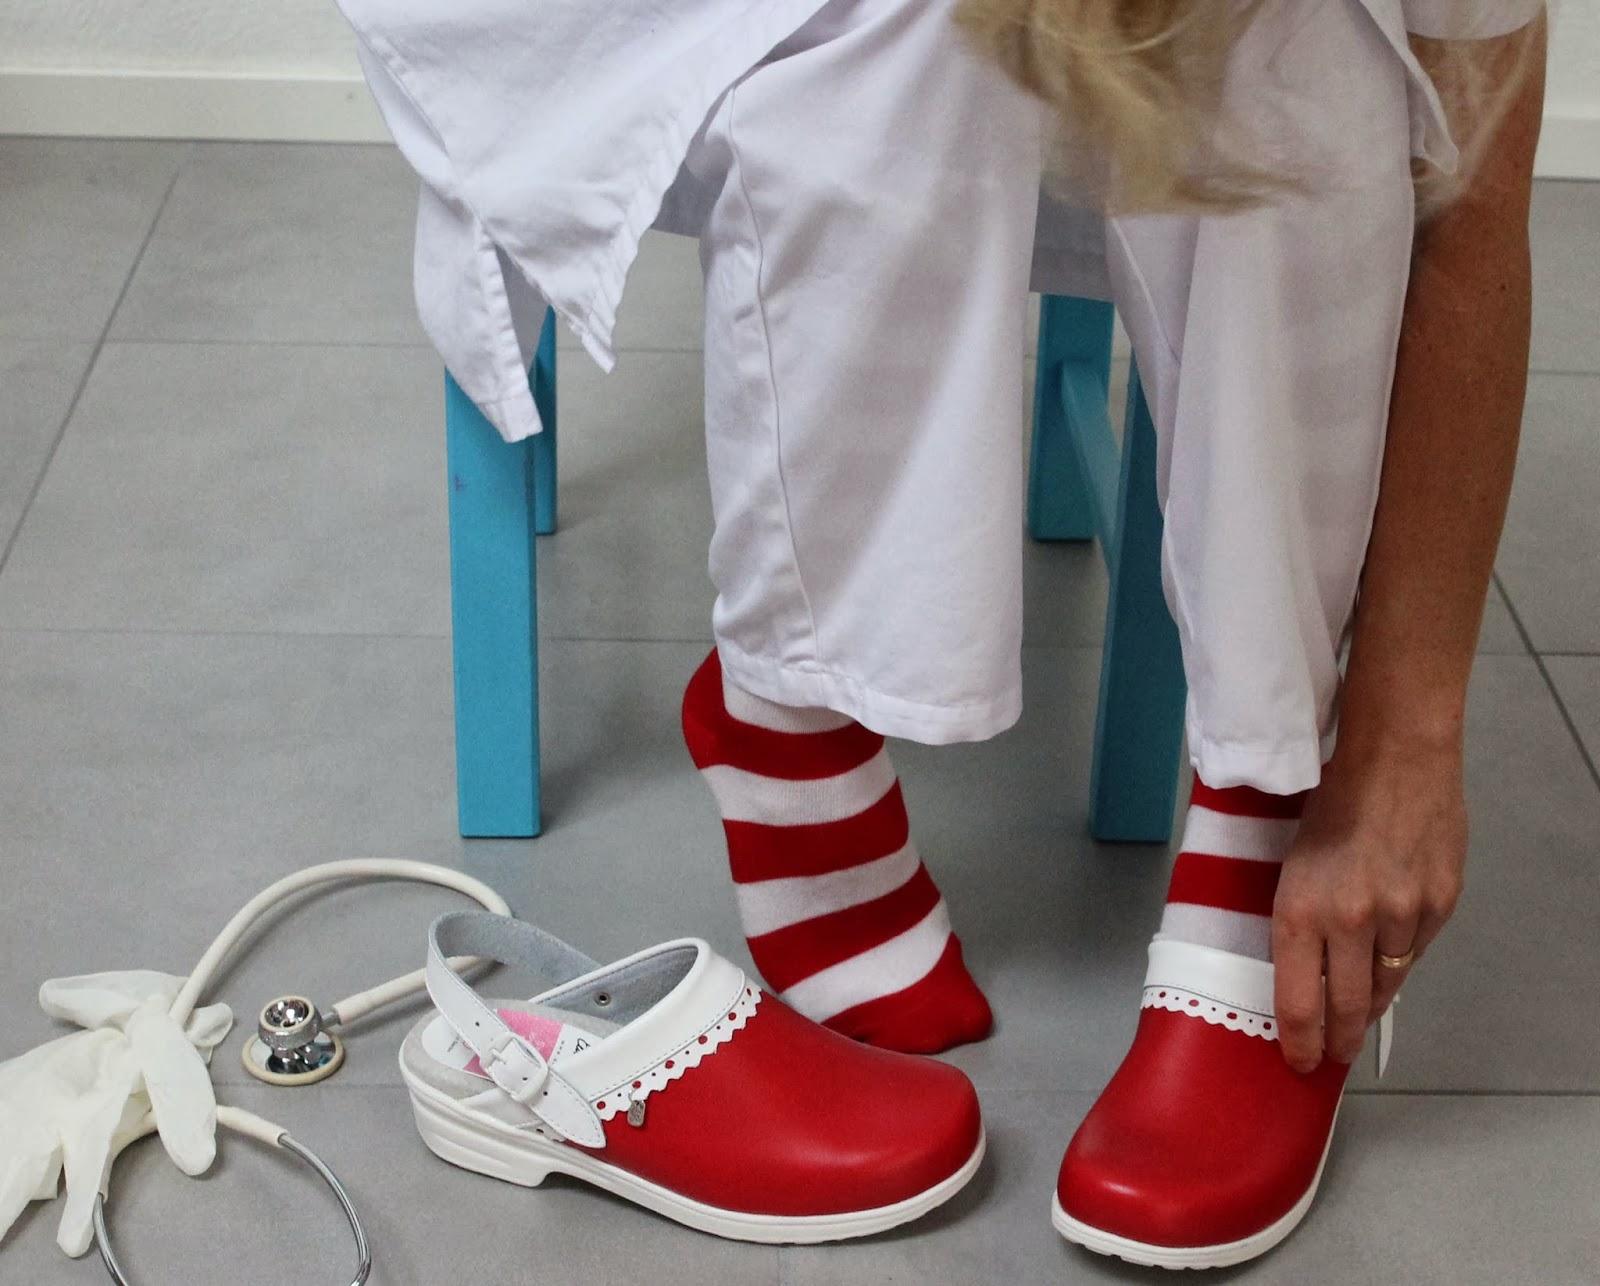 skor inom vården